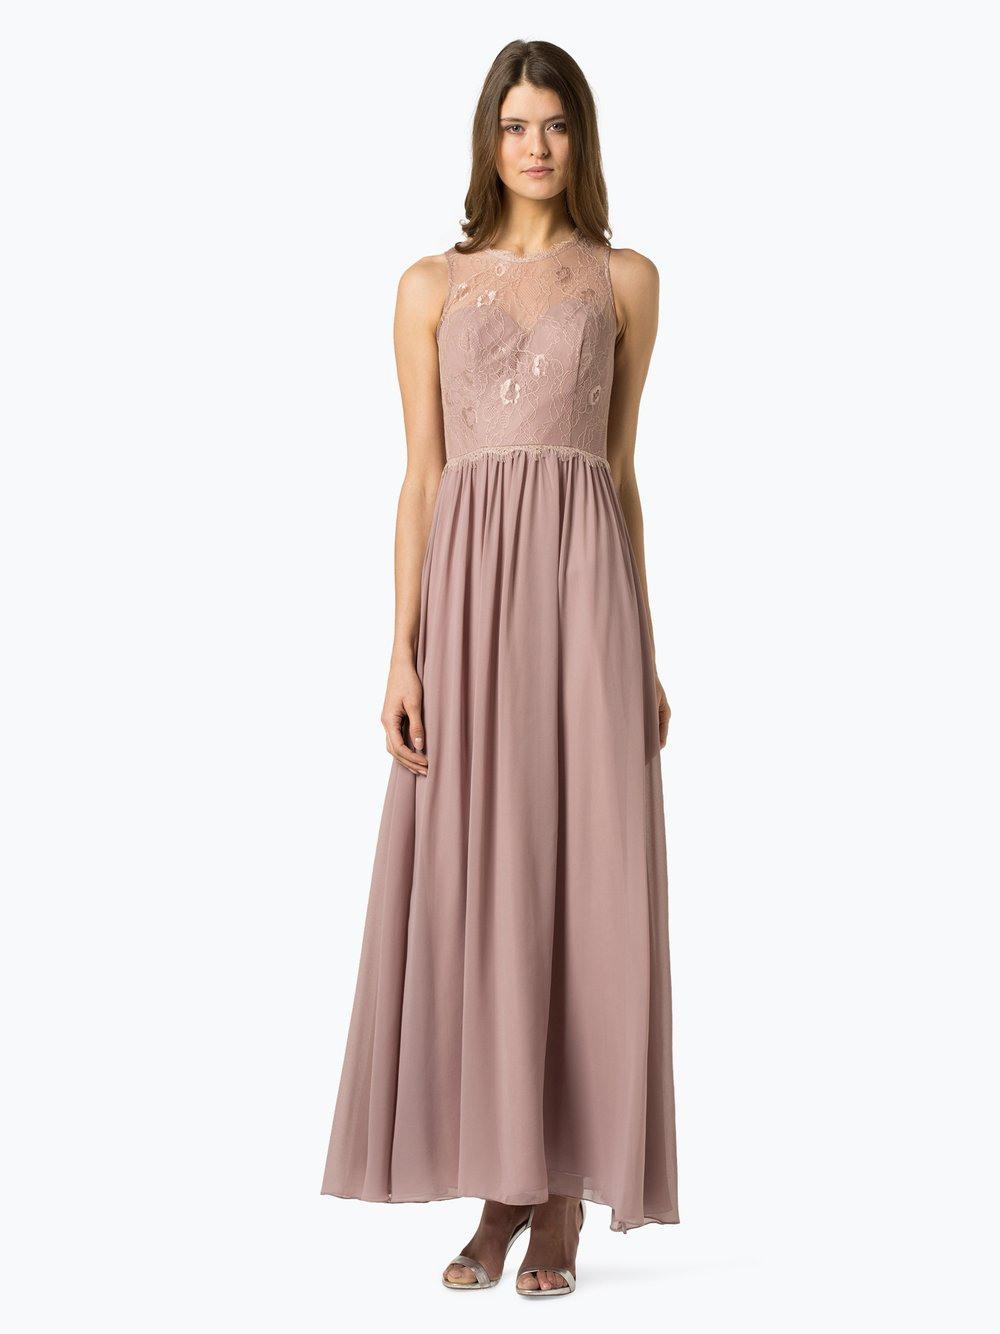 Formal Ausgezeichnet Abendkleid Damen Stylish10 Leicht Abendkleid Damen Design